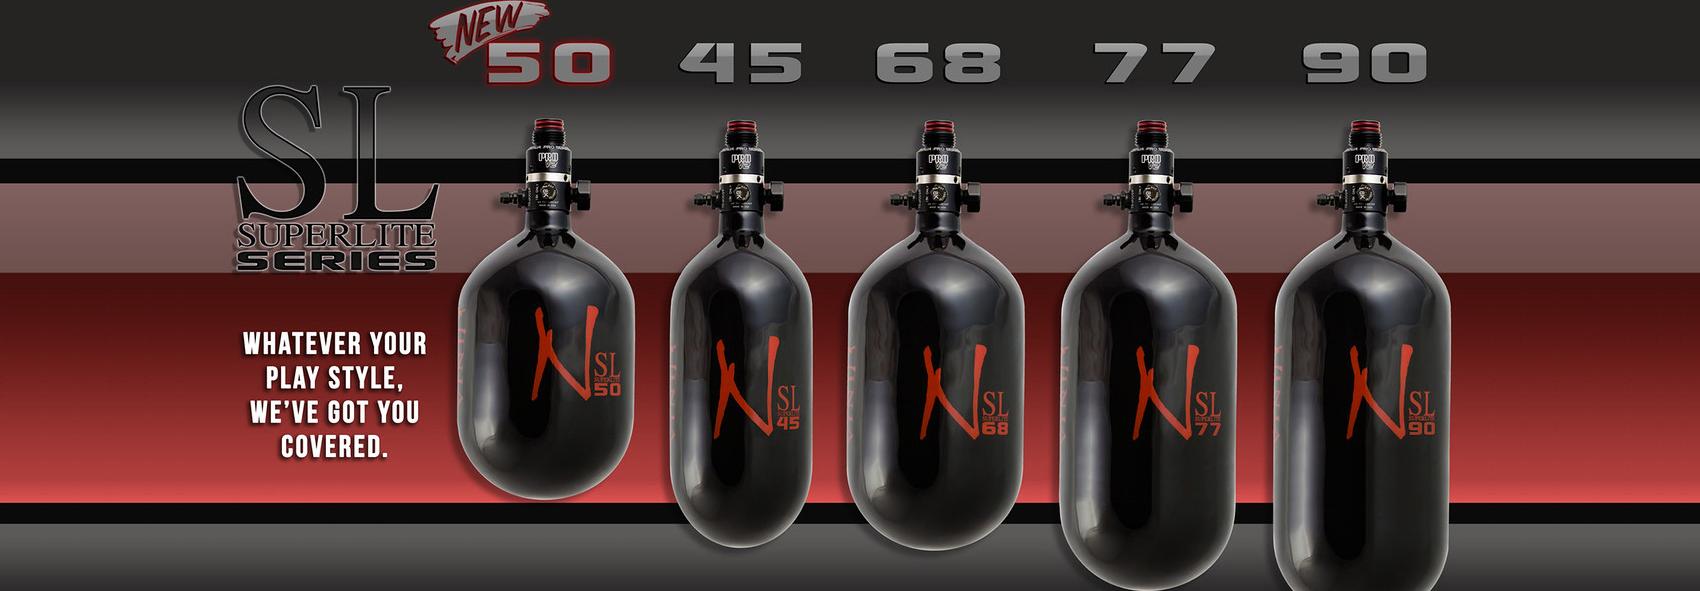 NINJA-SL-SERIES-50-NEW-X2-copy